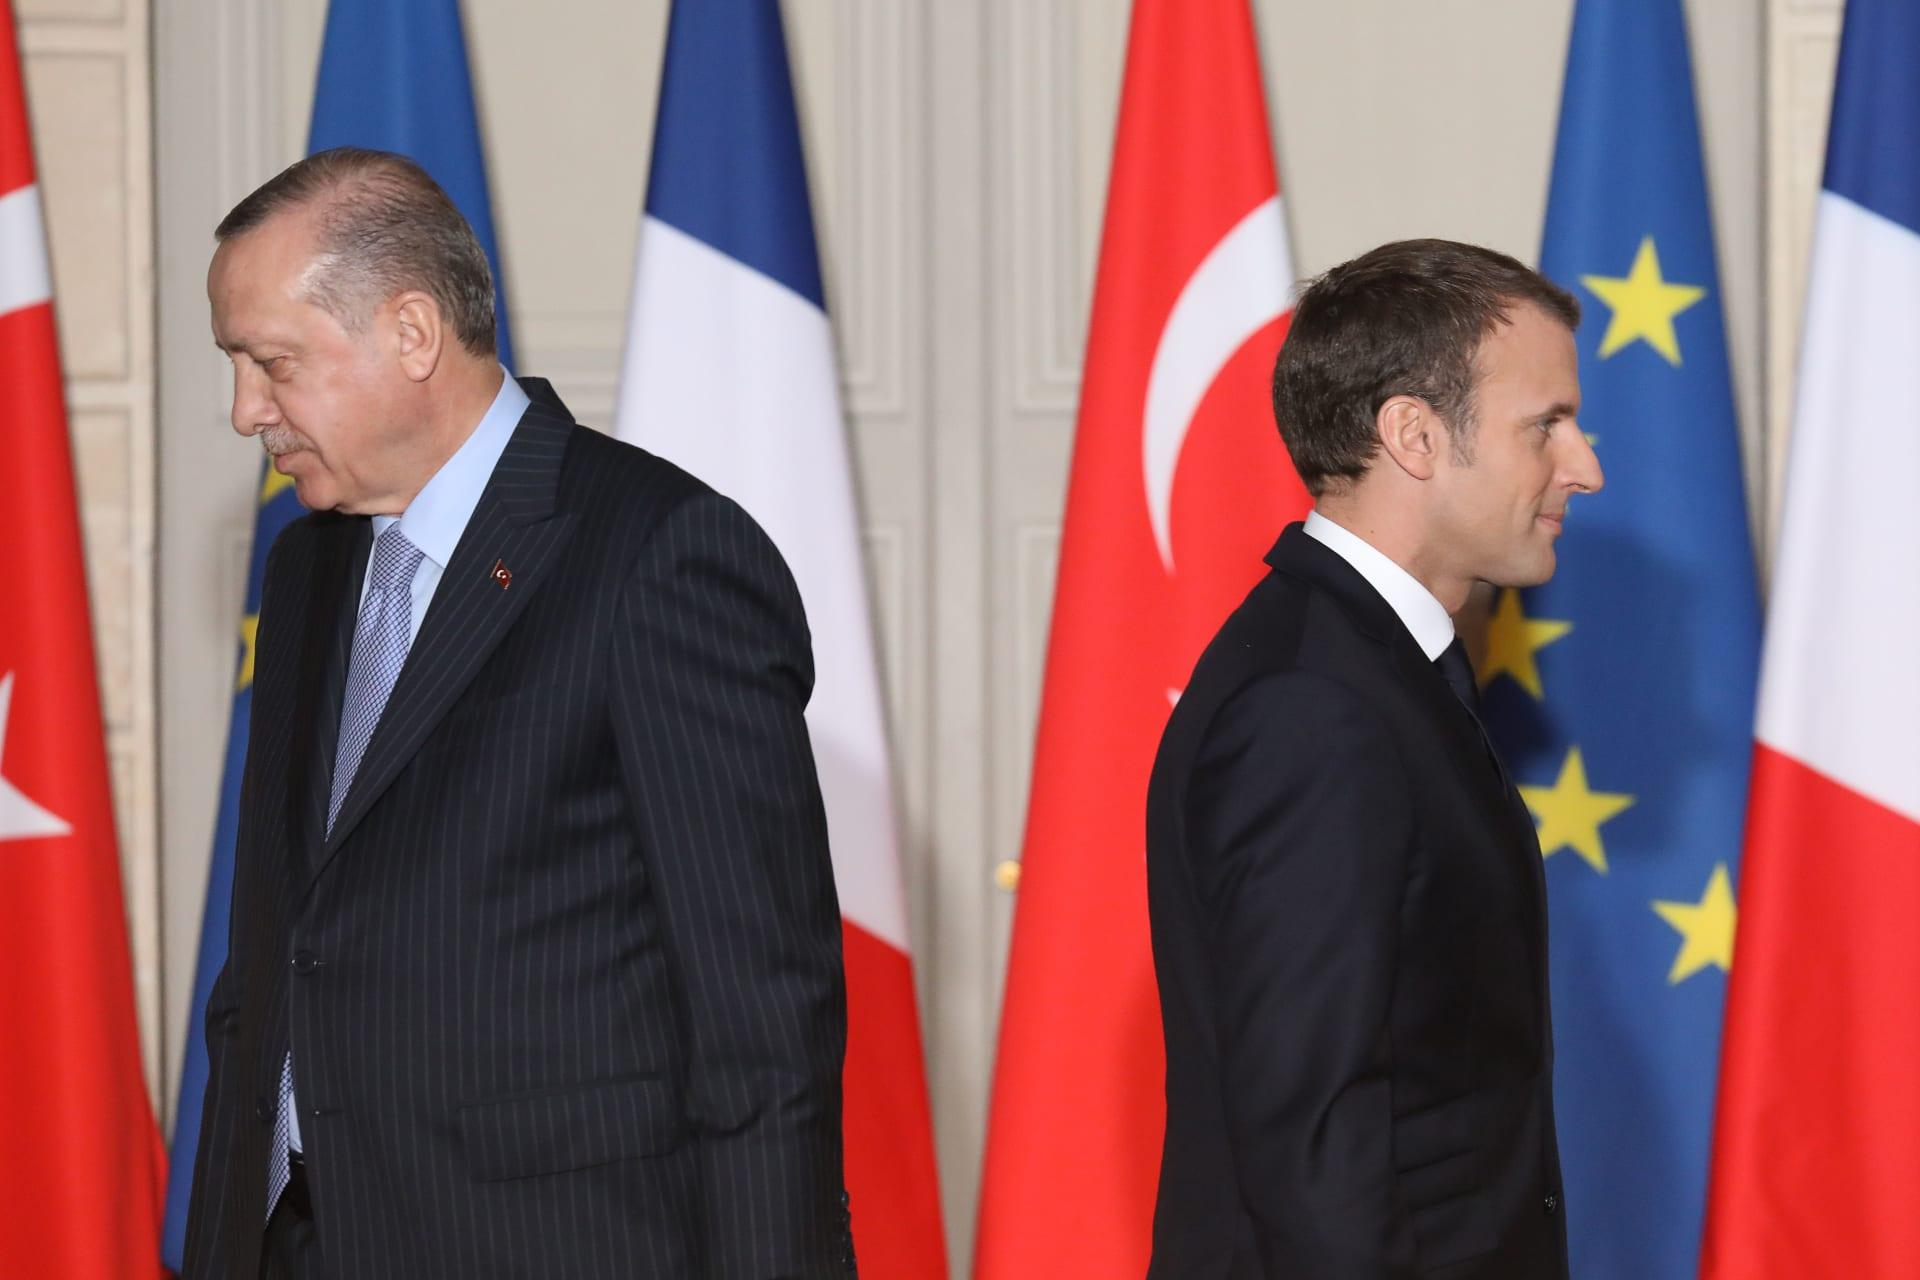 أردوغان لماكرون: قتلتم مليون جزائري.. والدولة العثمانية نشرت الإنسانية والسلام